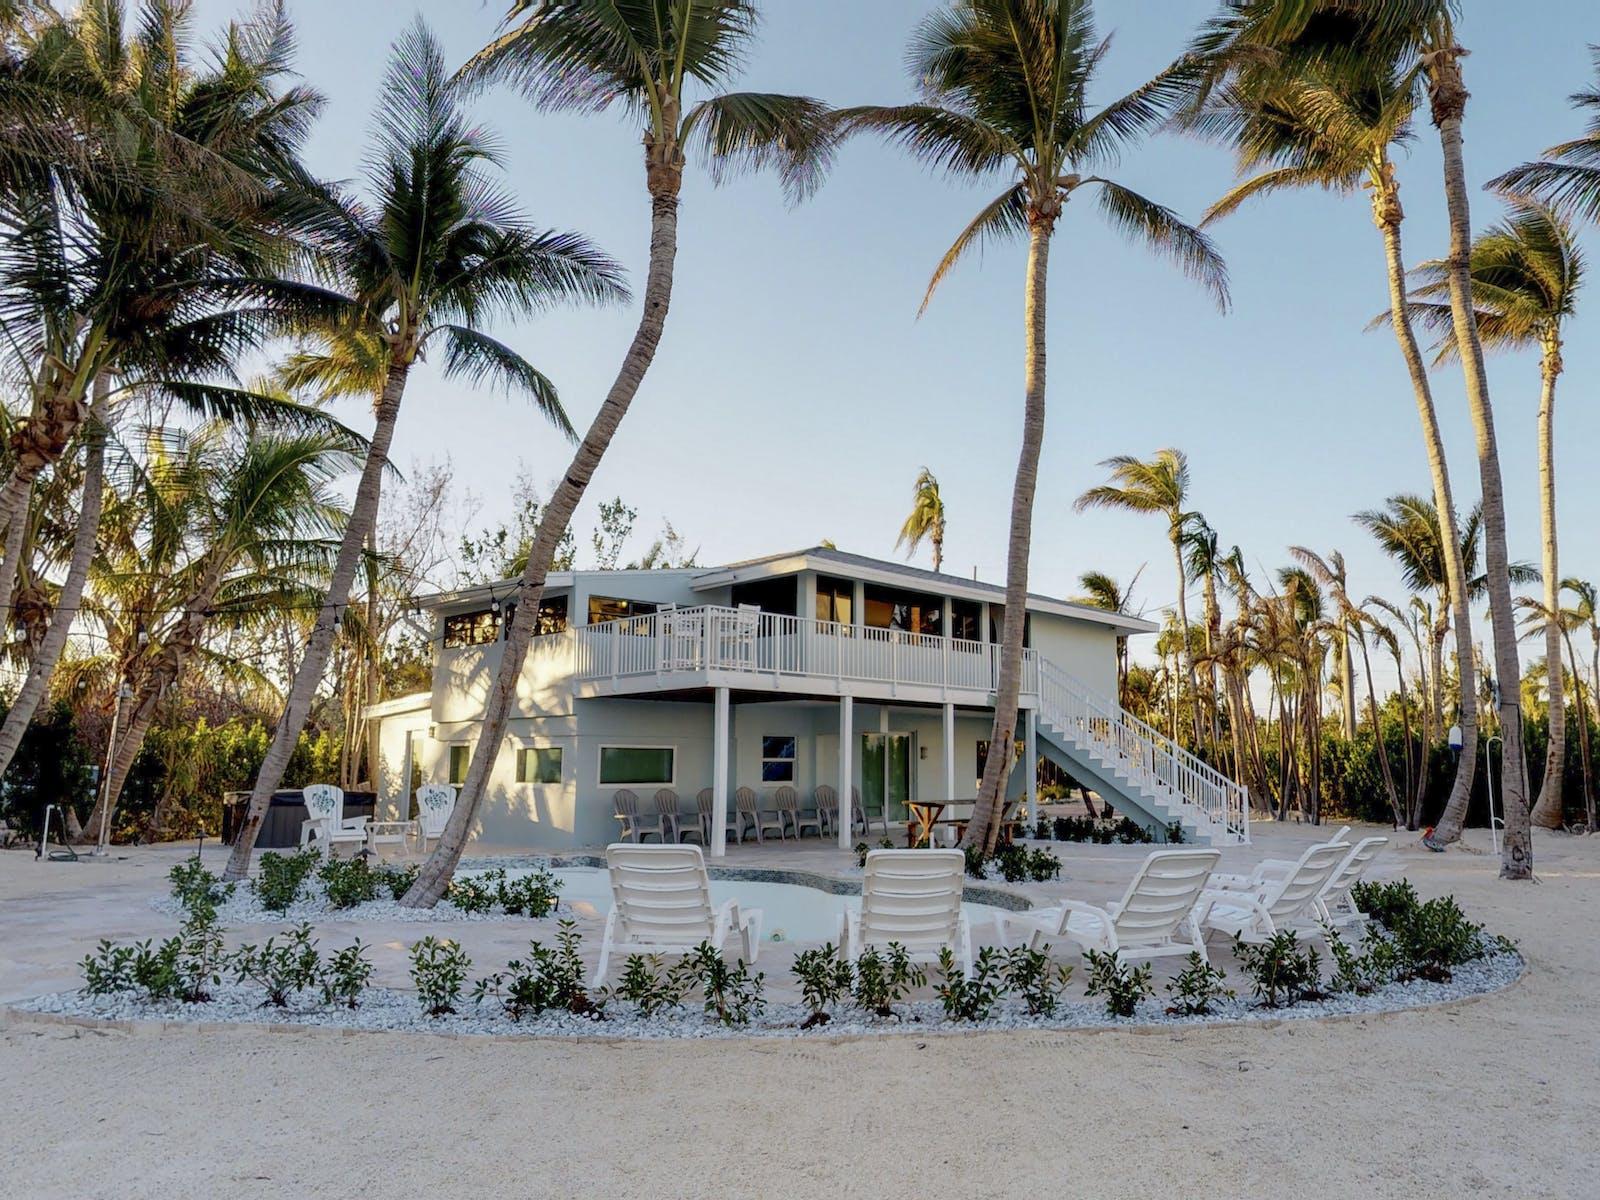 Vacation rental home in Islamorada, FL